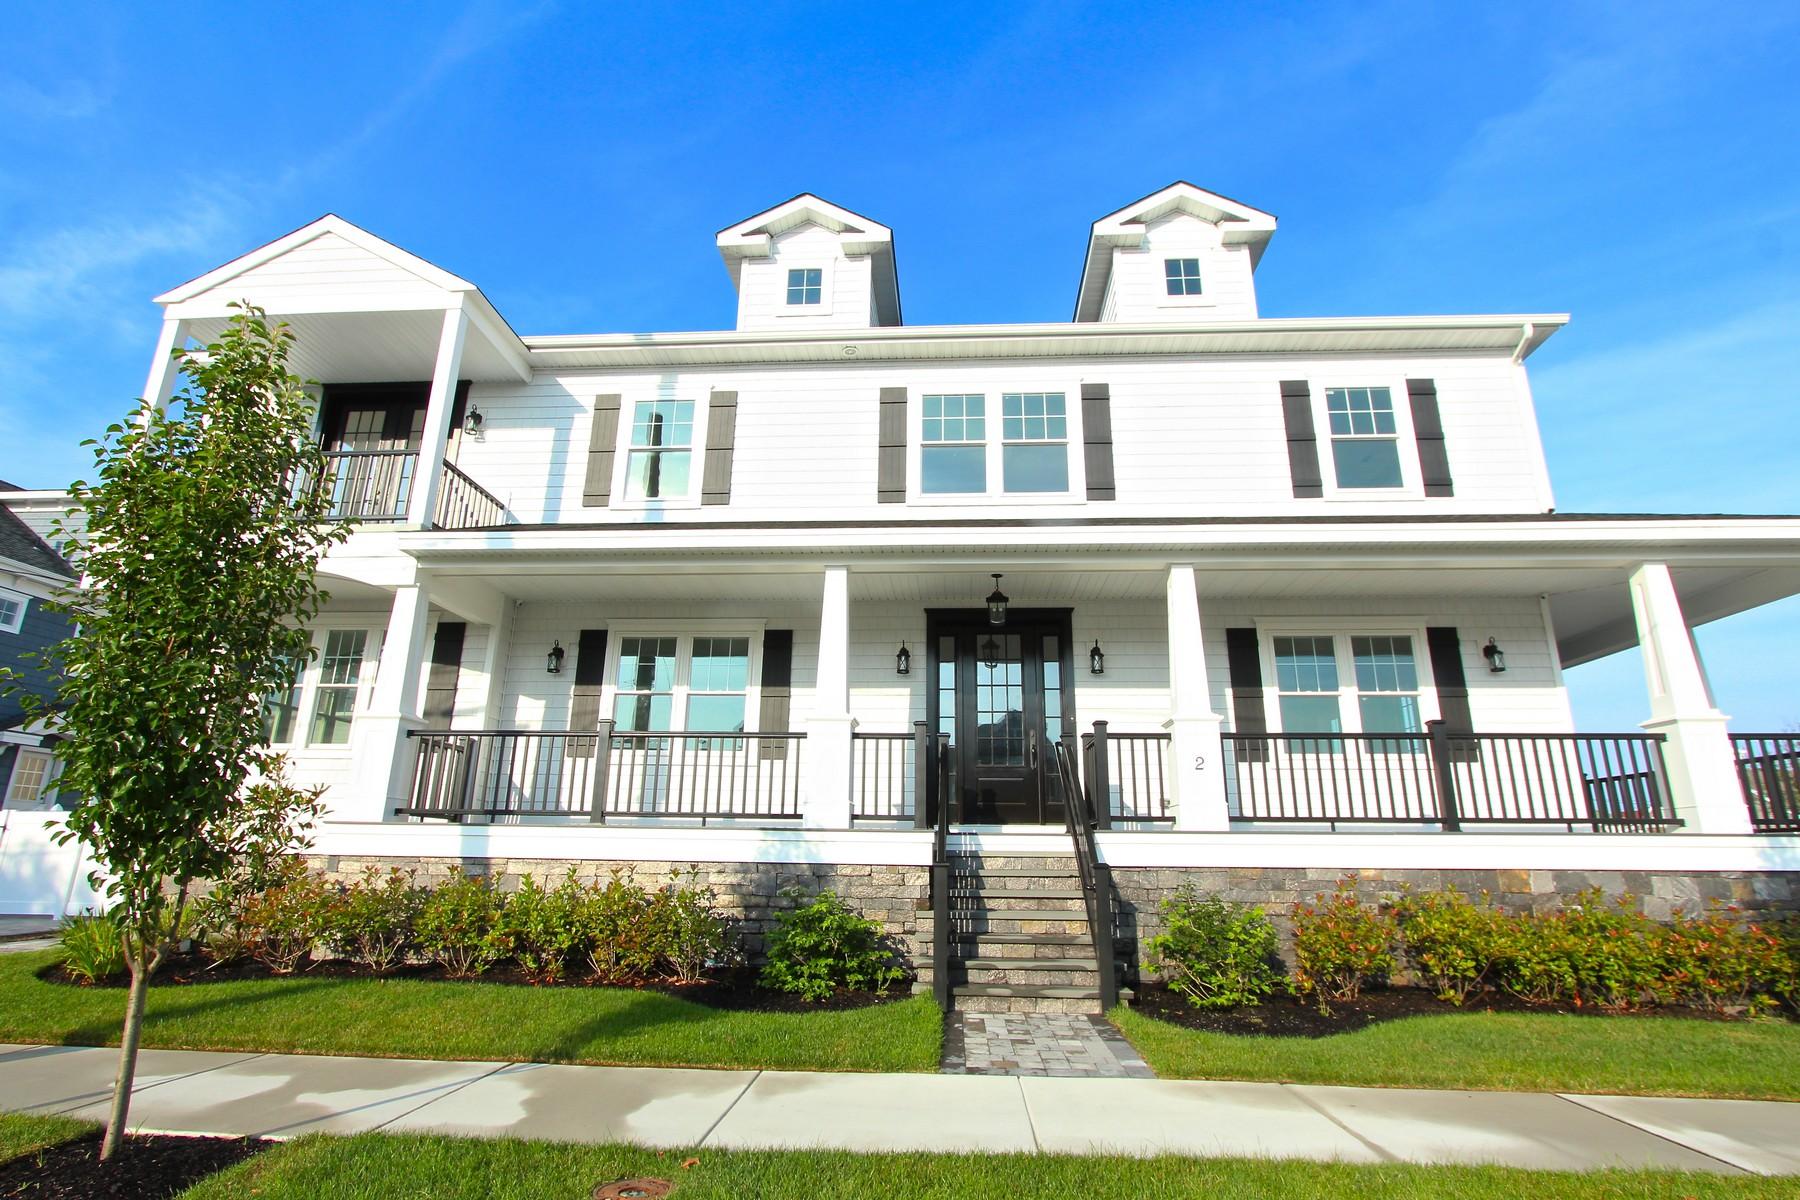 Maison unifamiliale pour l Vente à 2 S Hanover Avenue Margate, New Jersey, 08402 États-Unis